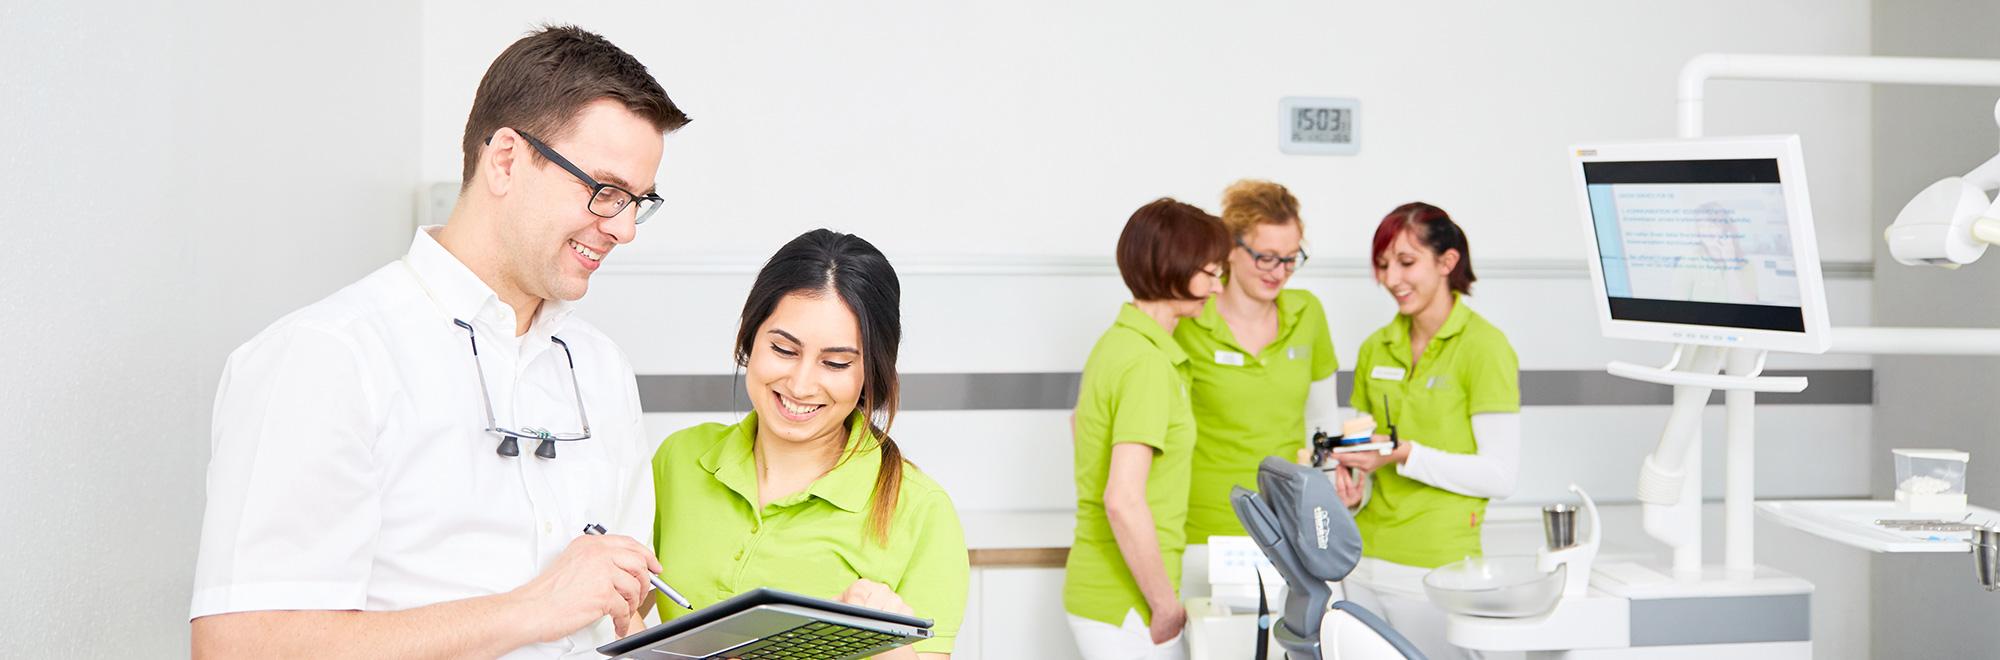 Professionelles und hoch motiviertes Team Praxis für Zahnheilkunde Dr. Wicklein. dr-wicklein.de